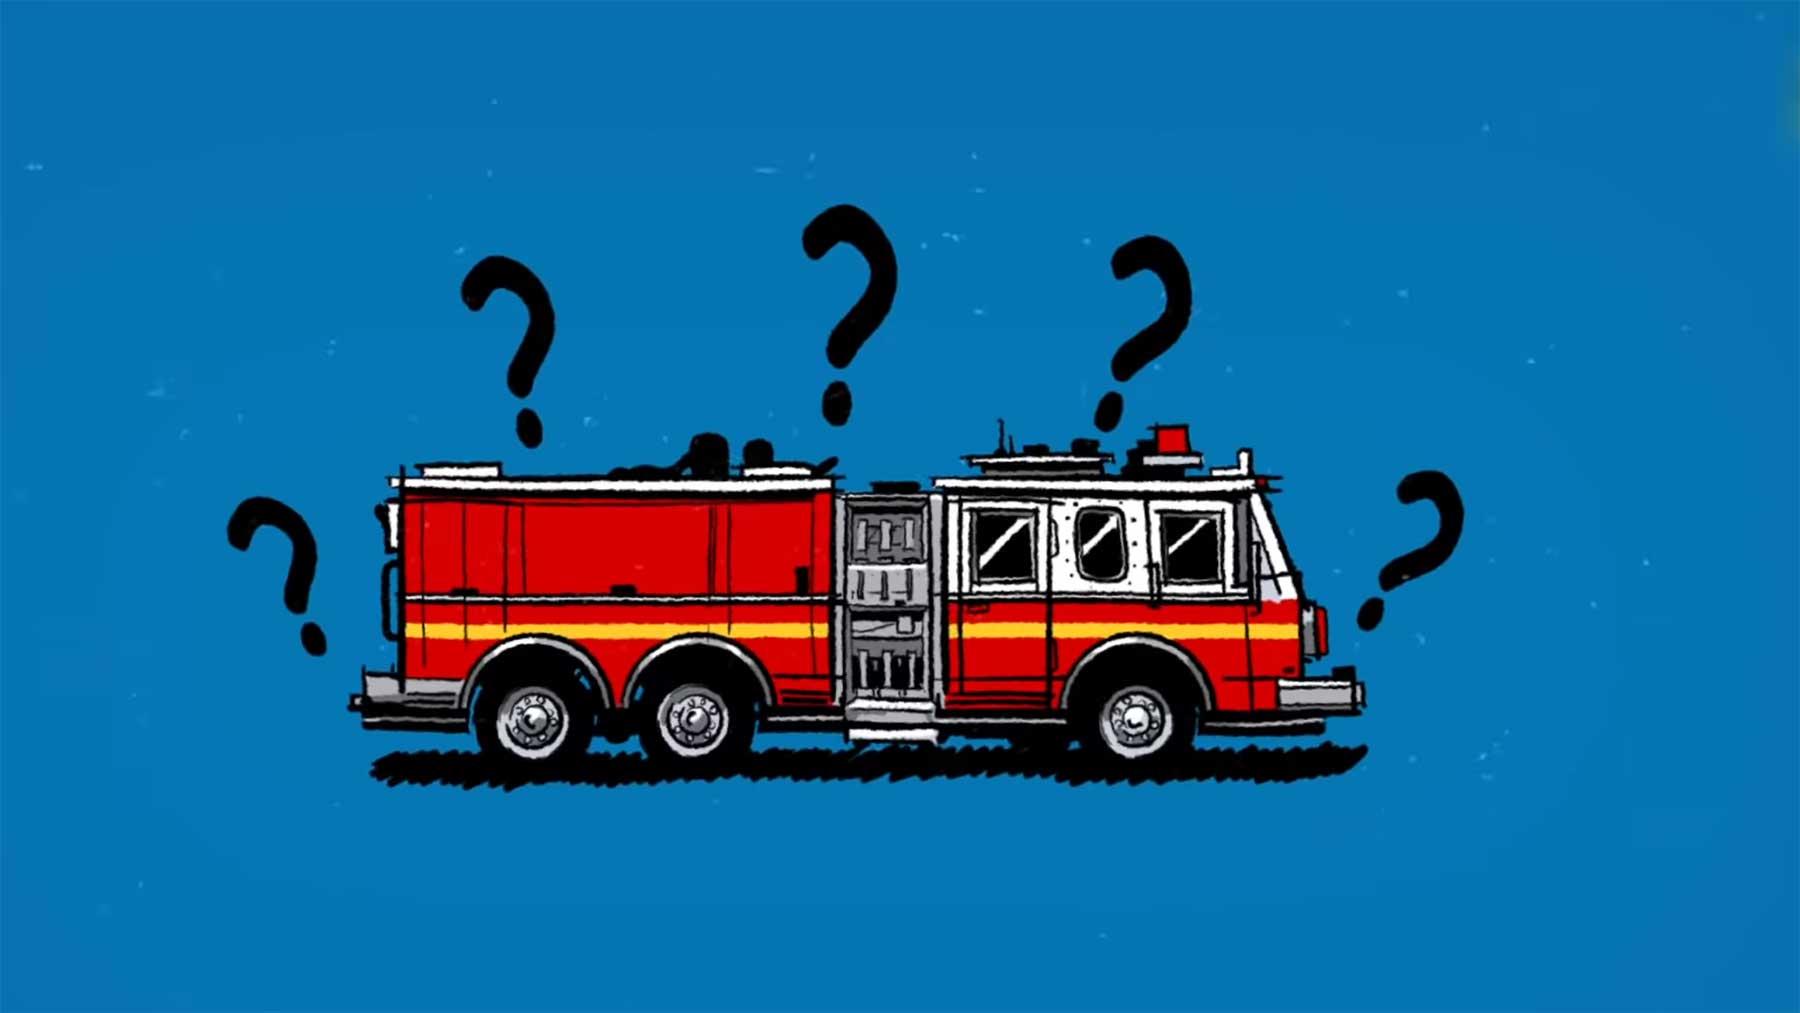 Warum sind Feuerwehrautos eigentlich rot?